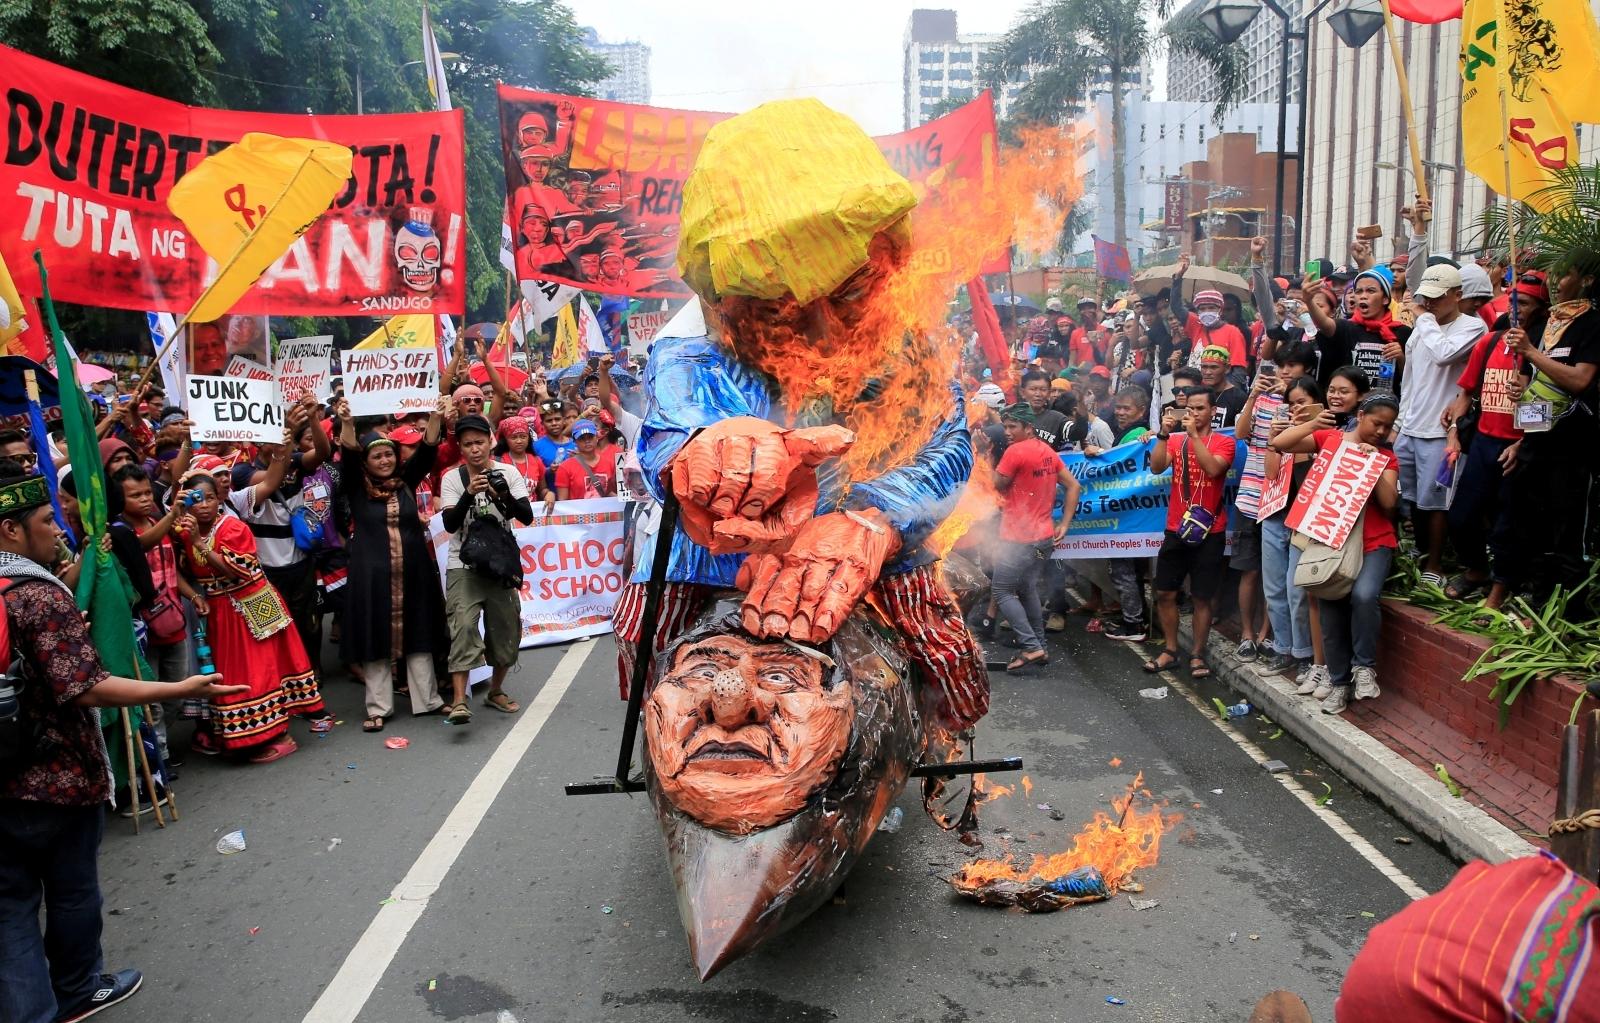 Trump-Duterte effigy burny